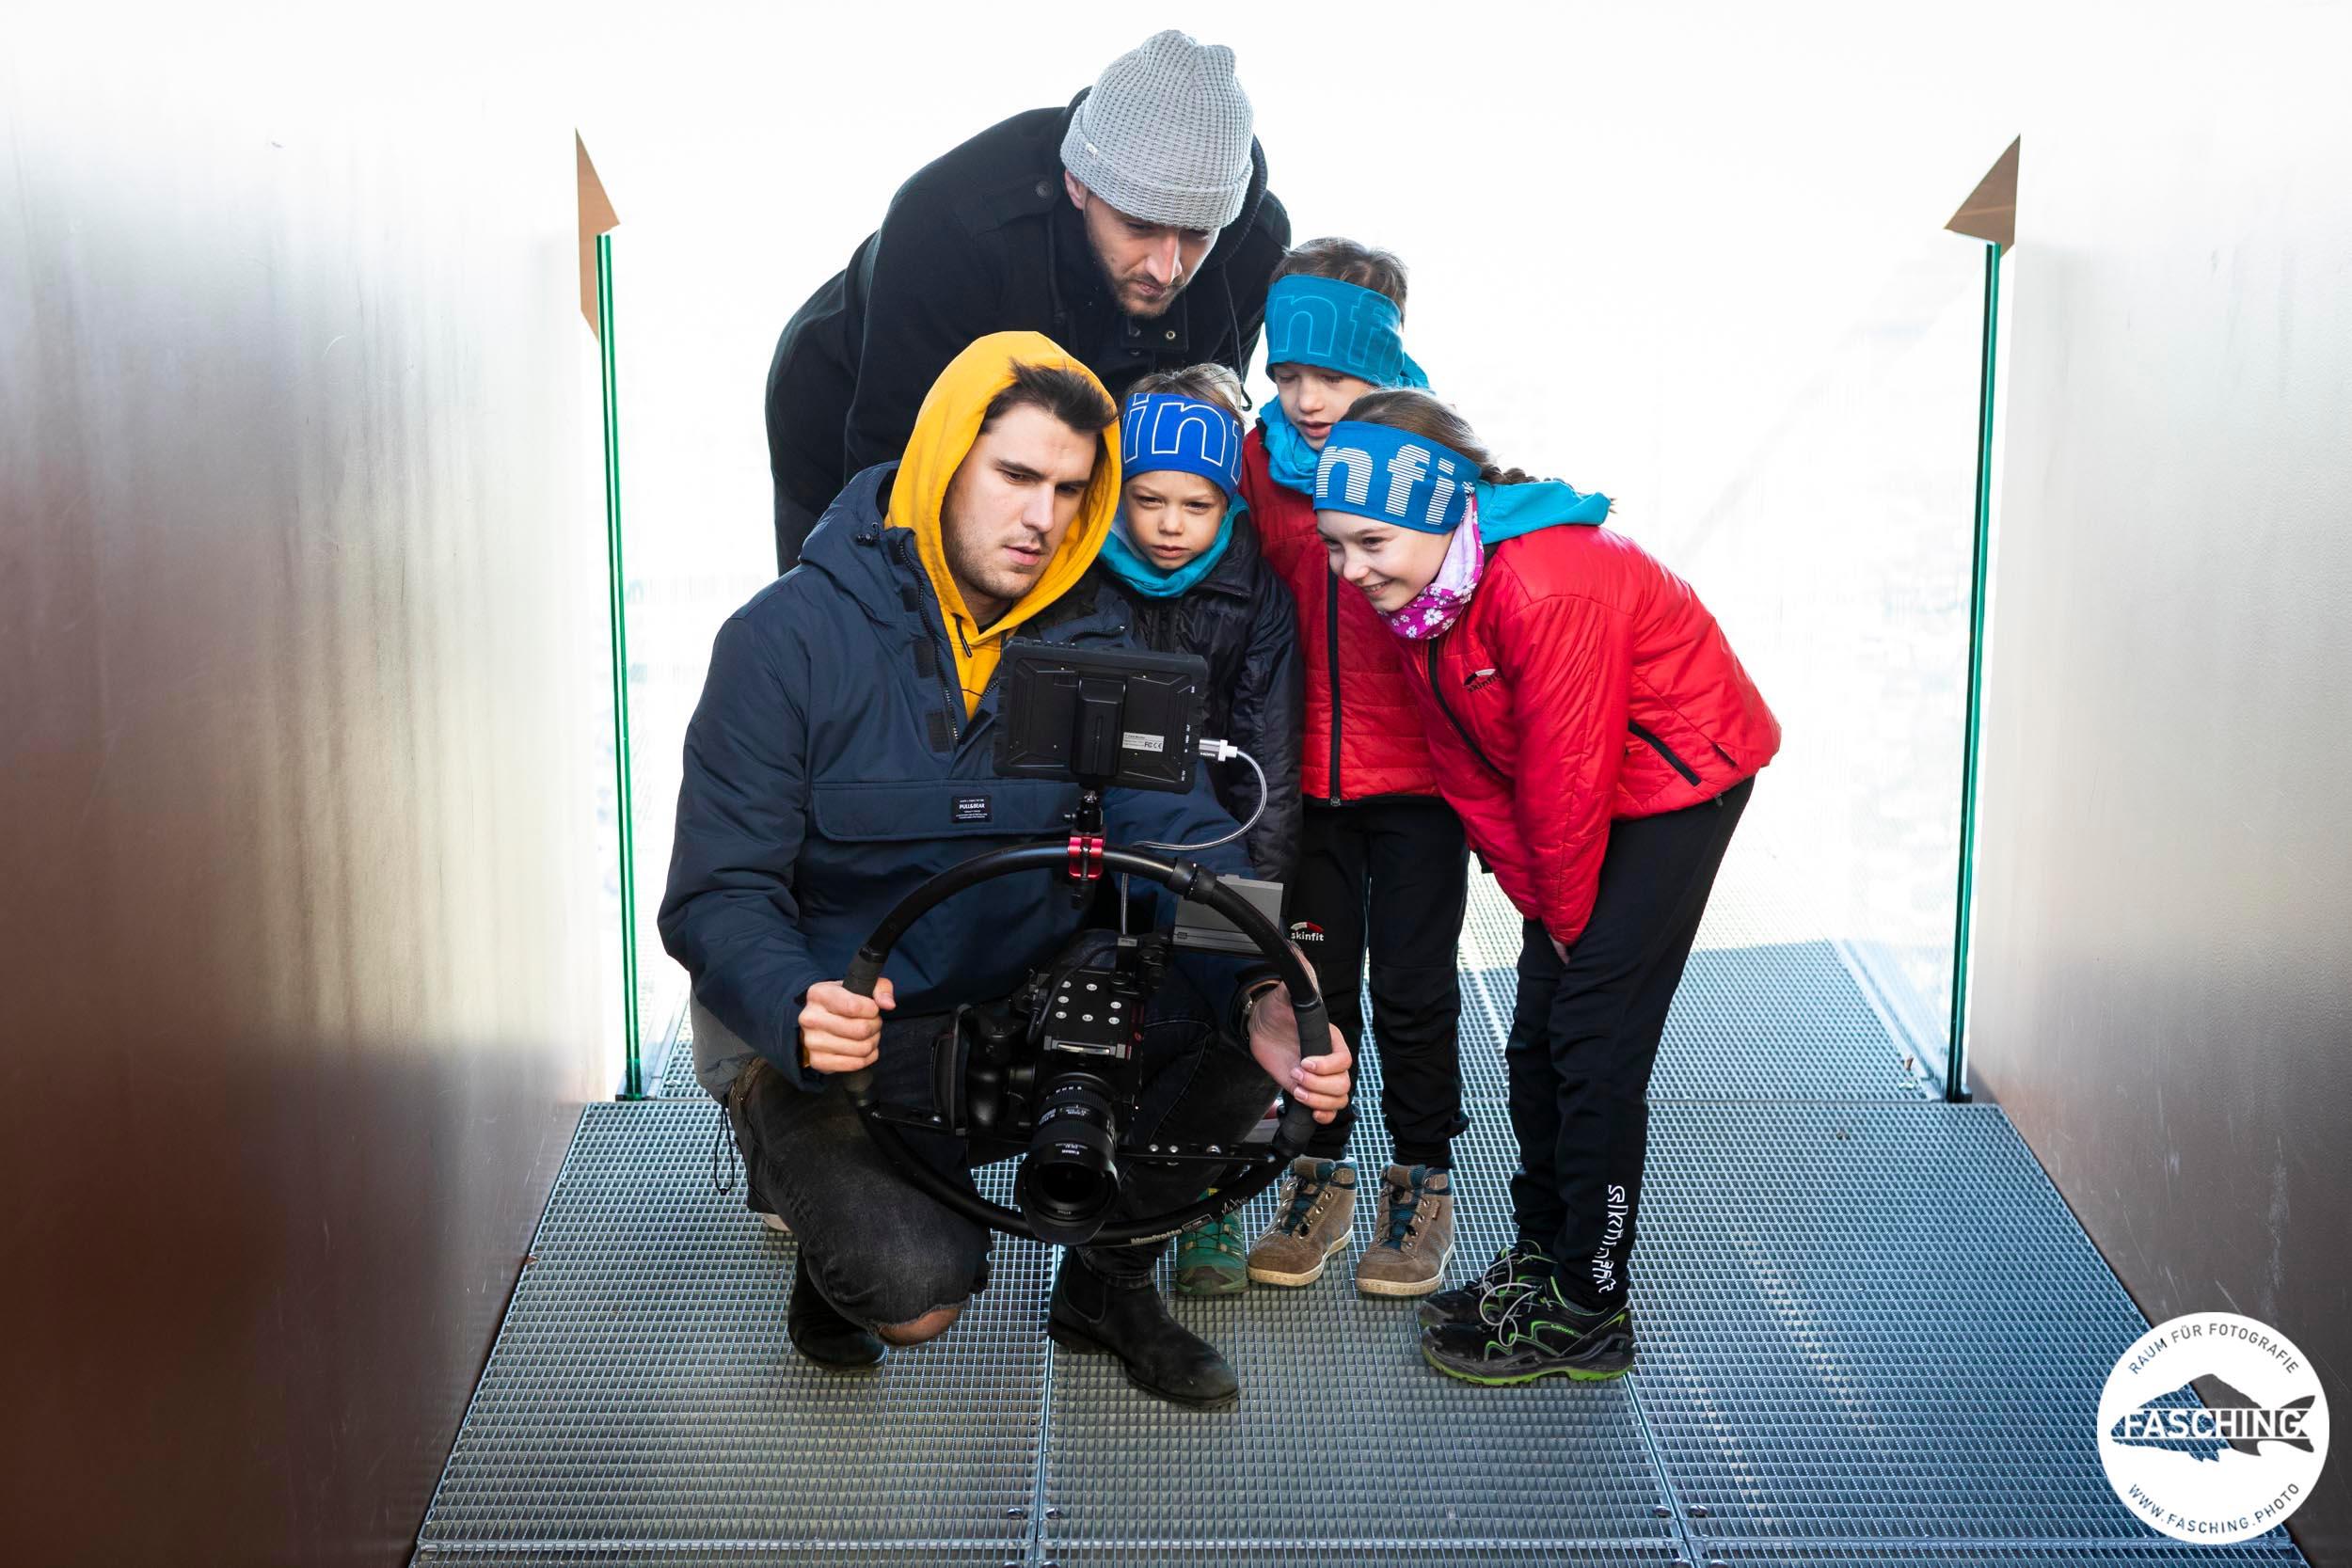 Luca Fasching bei einer Filmproduktion